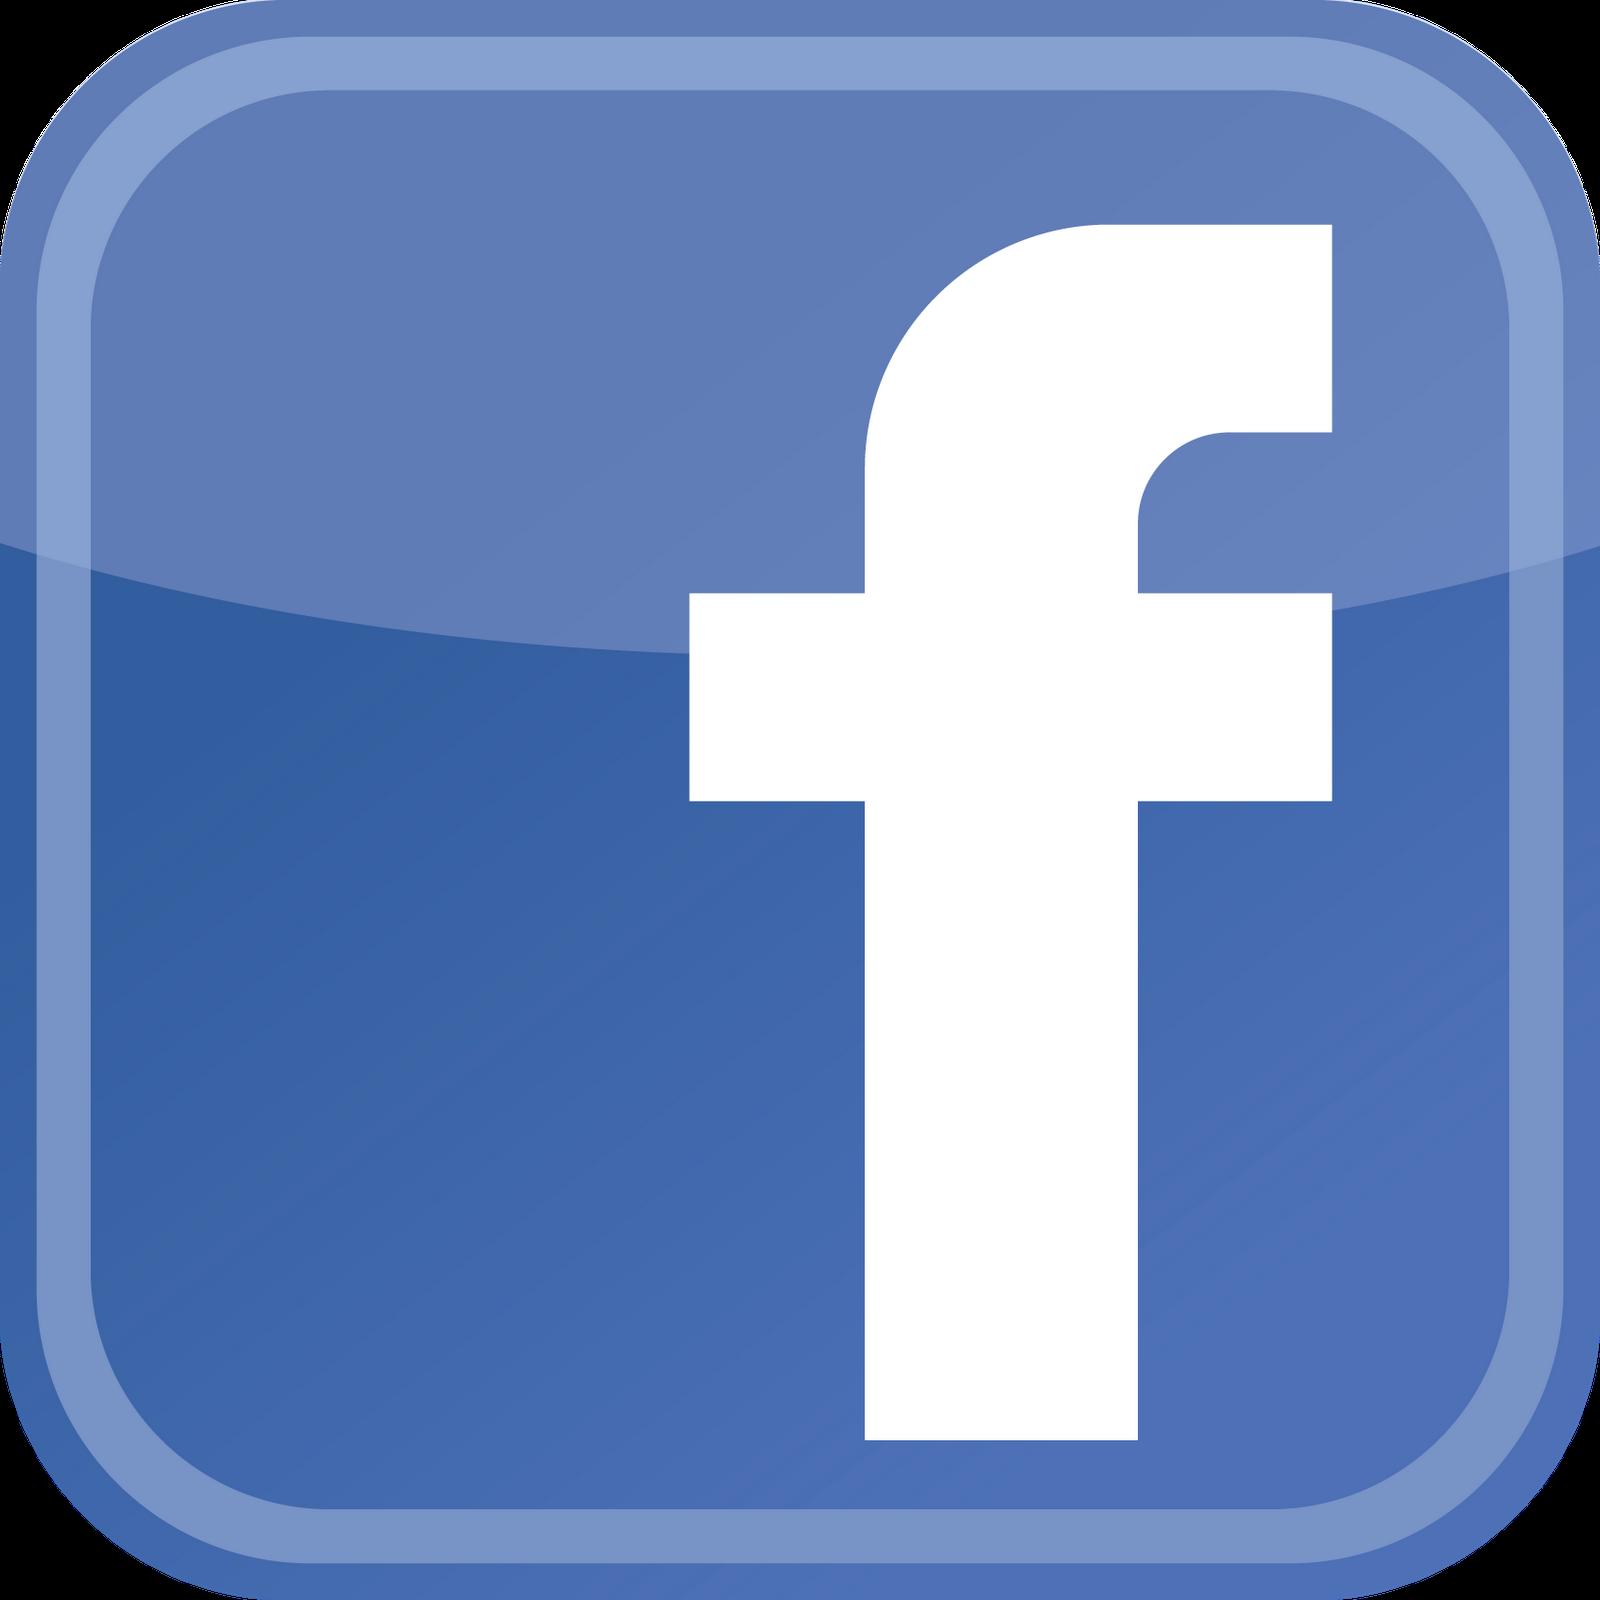 High Resolution Facebook Logos Icon Vector #7.